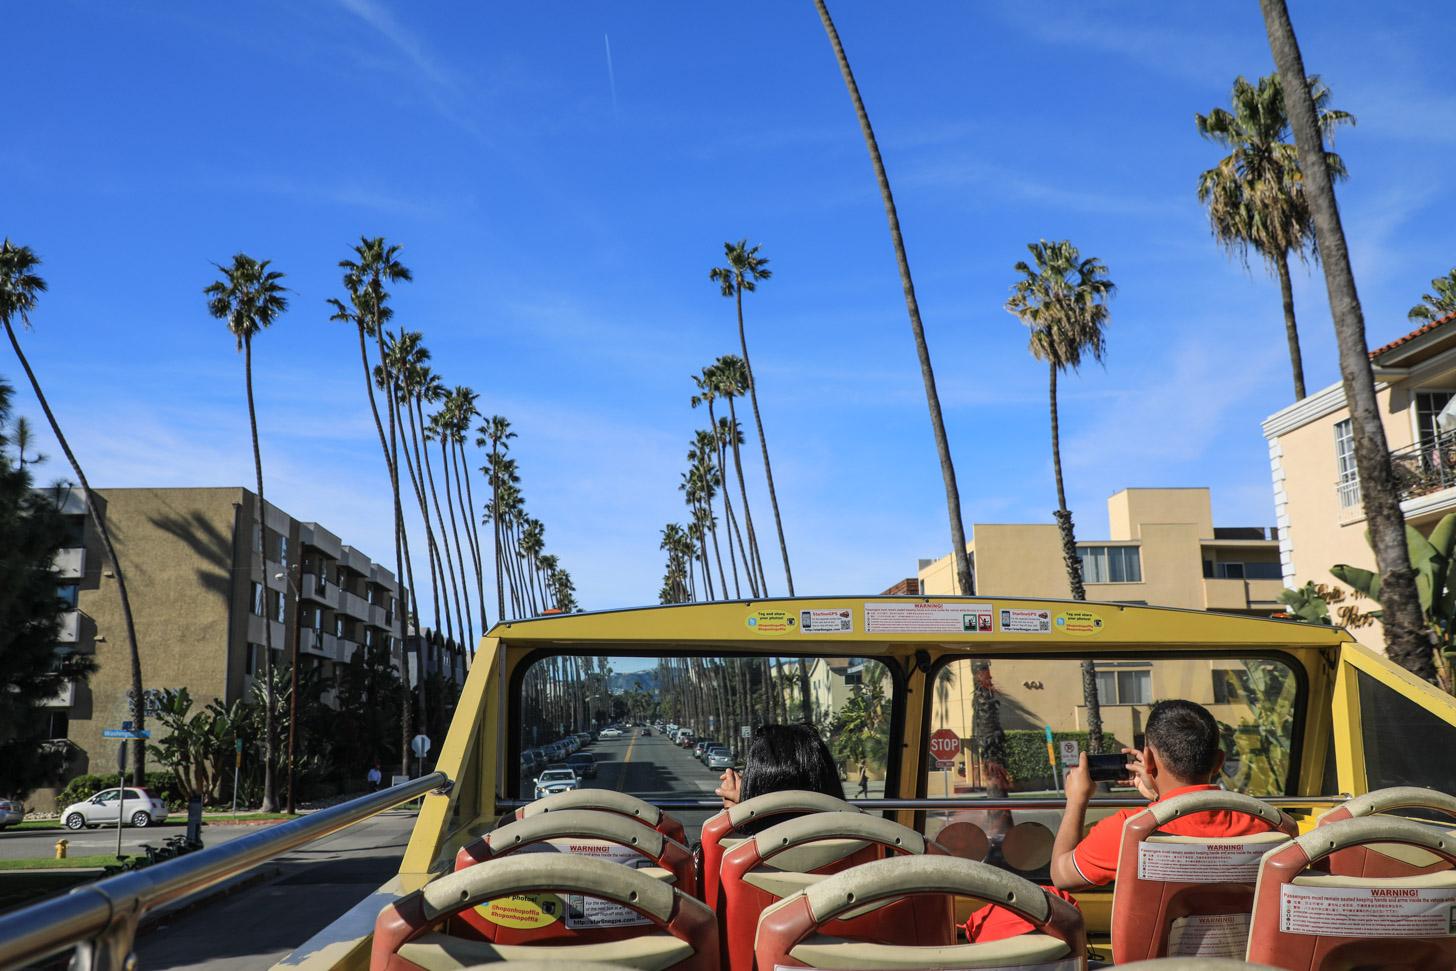 Het weer in LA maakt het prima om bovenin te zitten in de toeristenbus